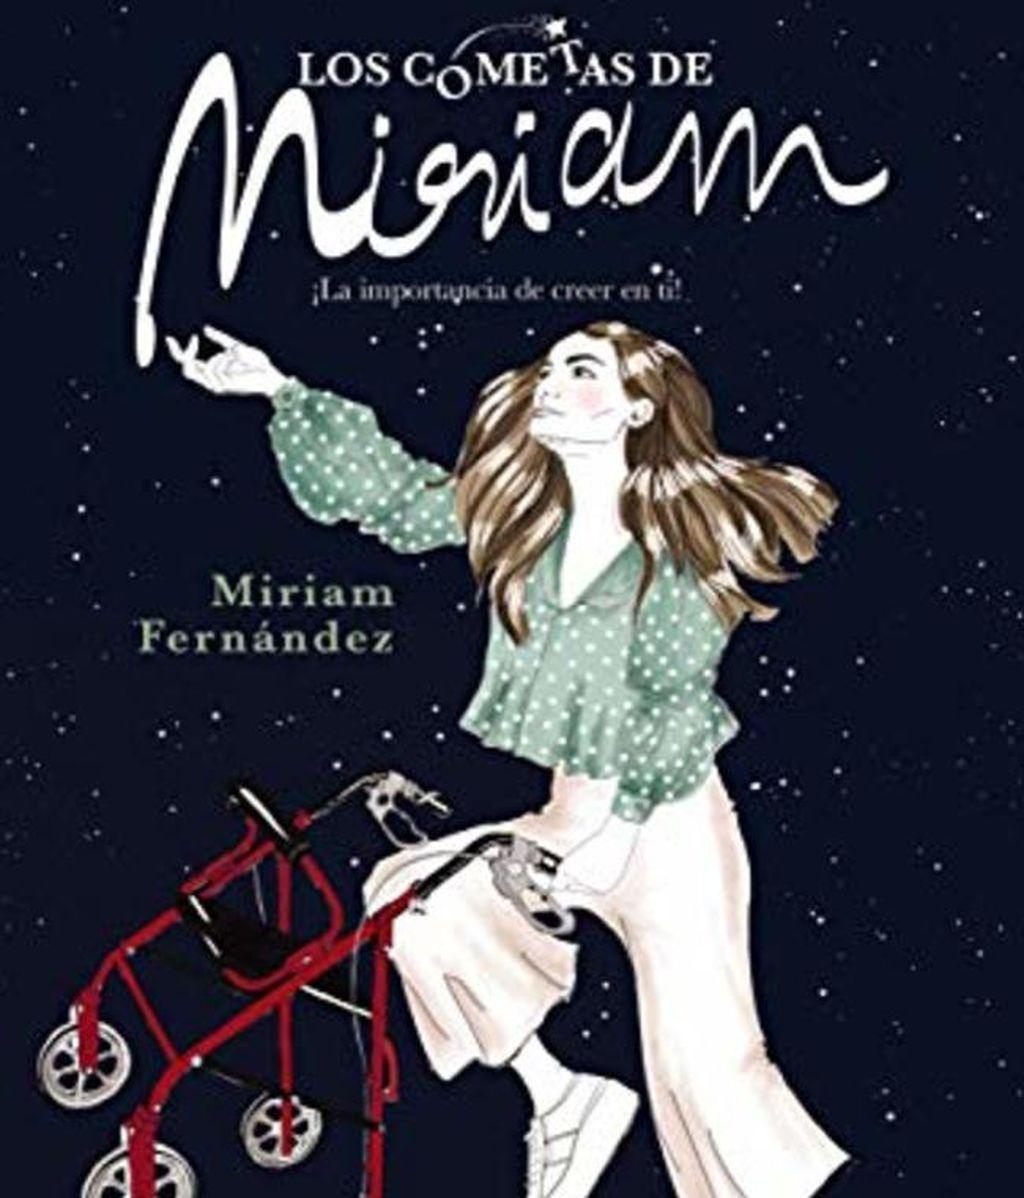 Portada del libro de Miriam Fernández